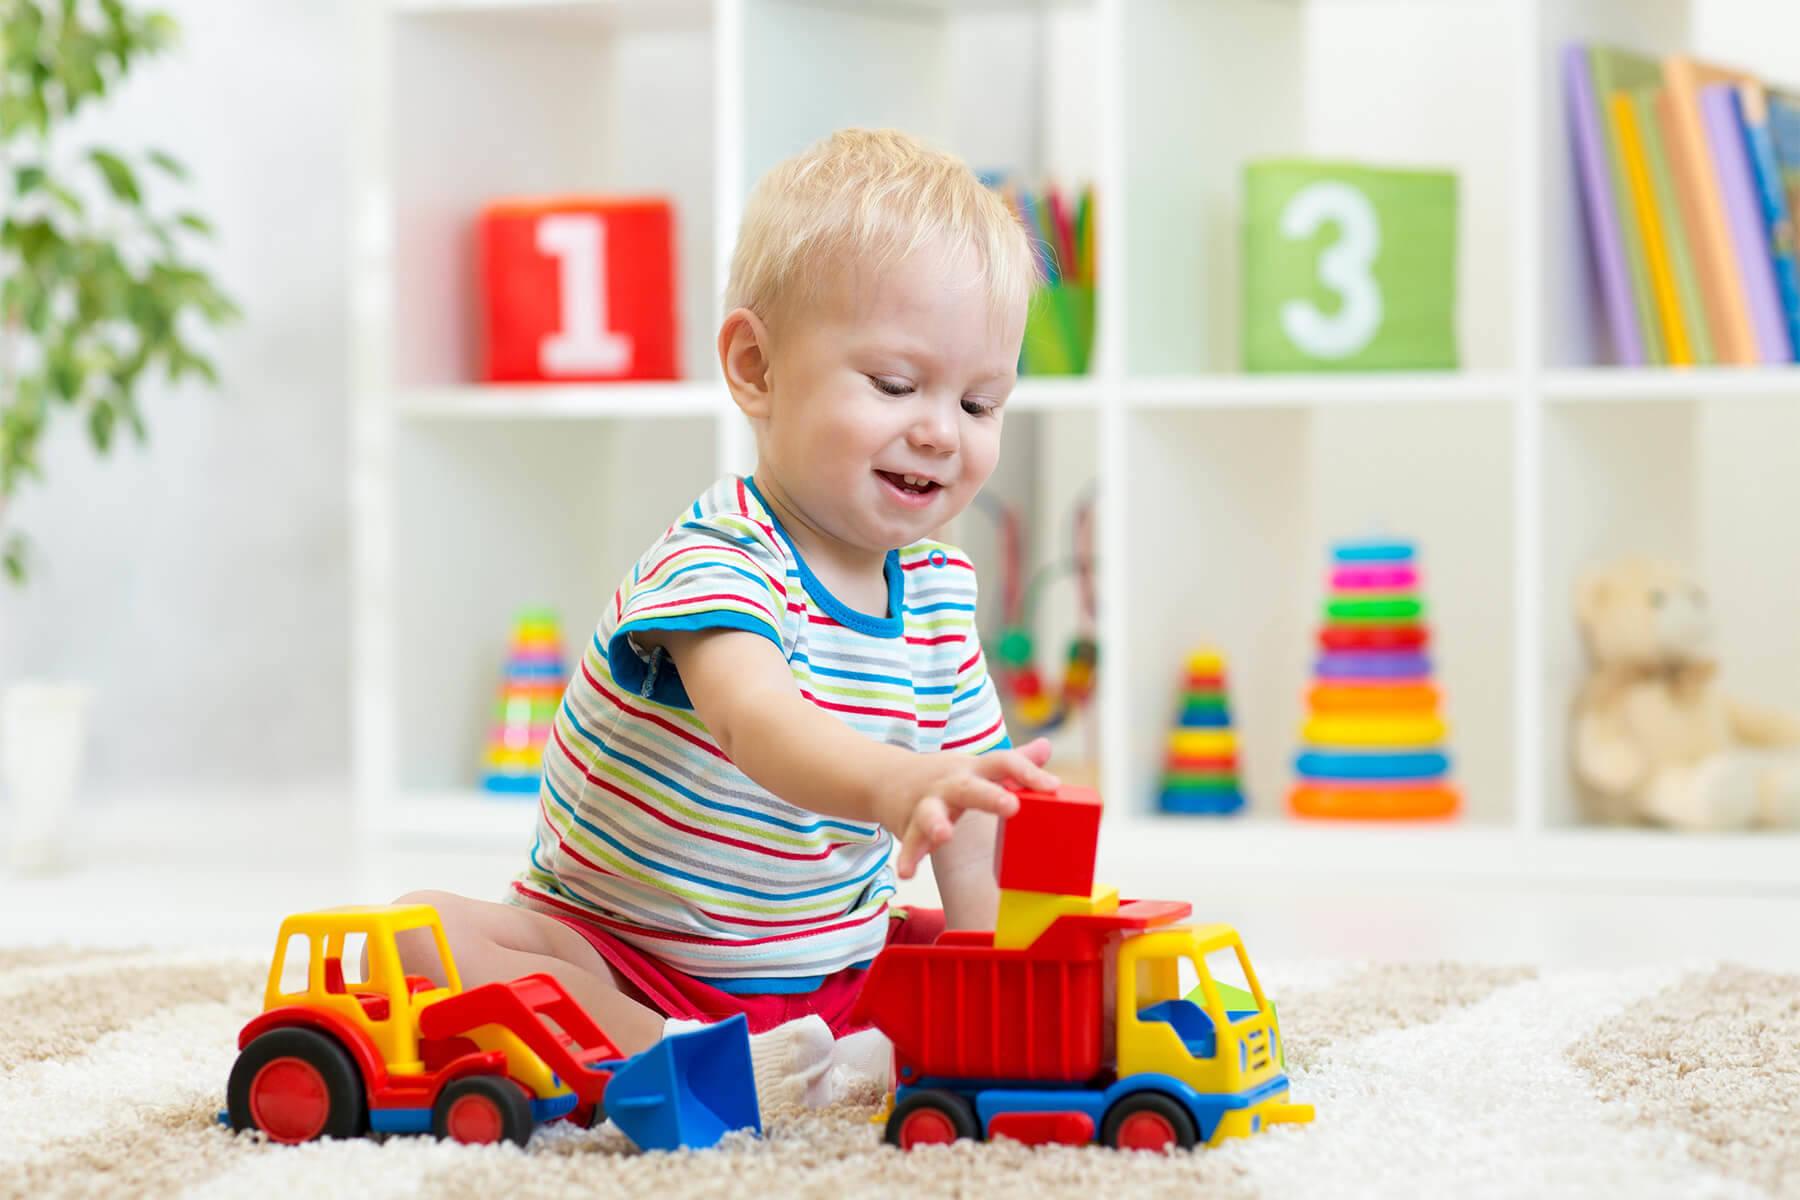 сделать картинки с детьми с игрушками следует, как можно